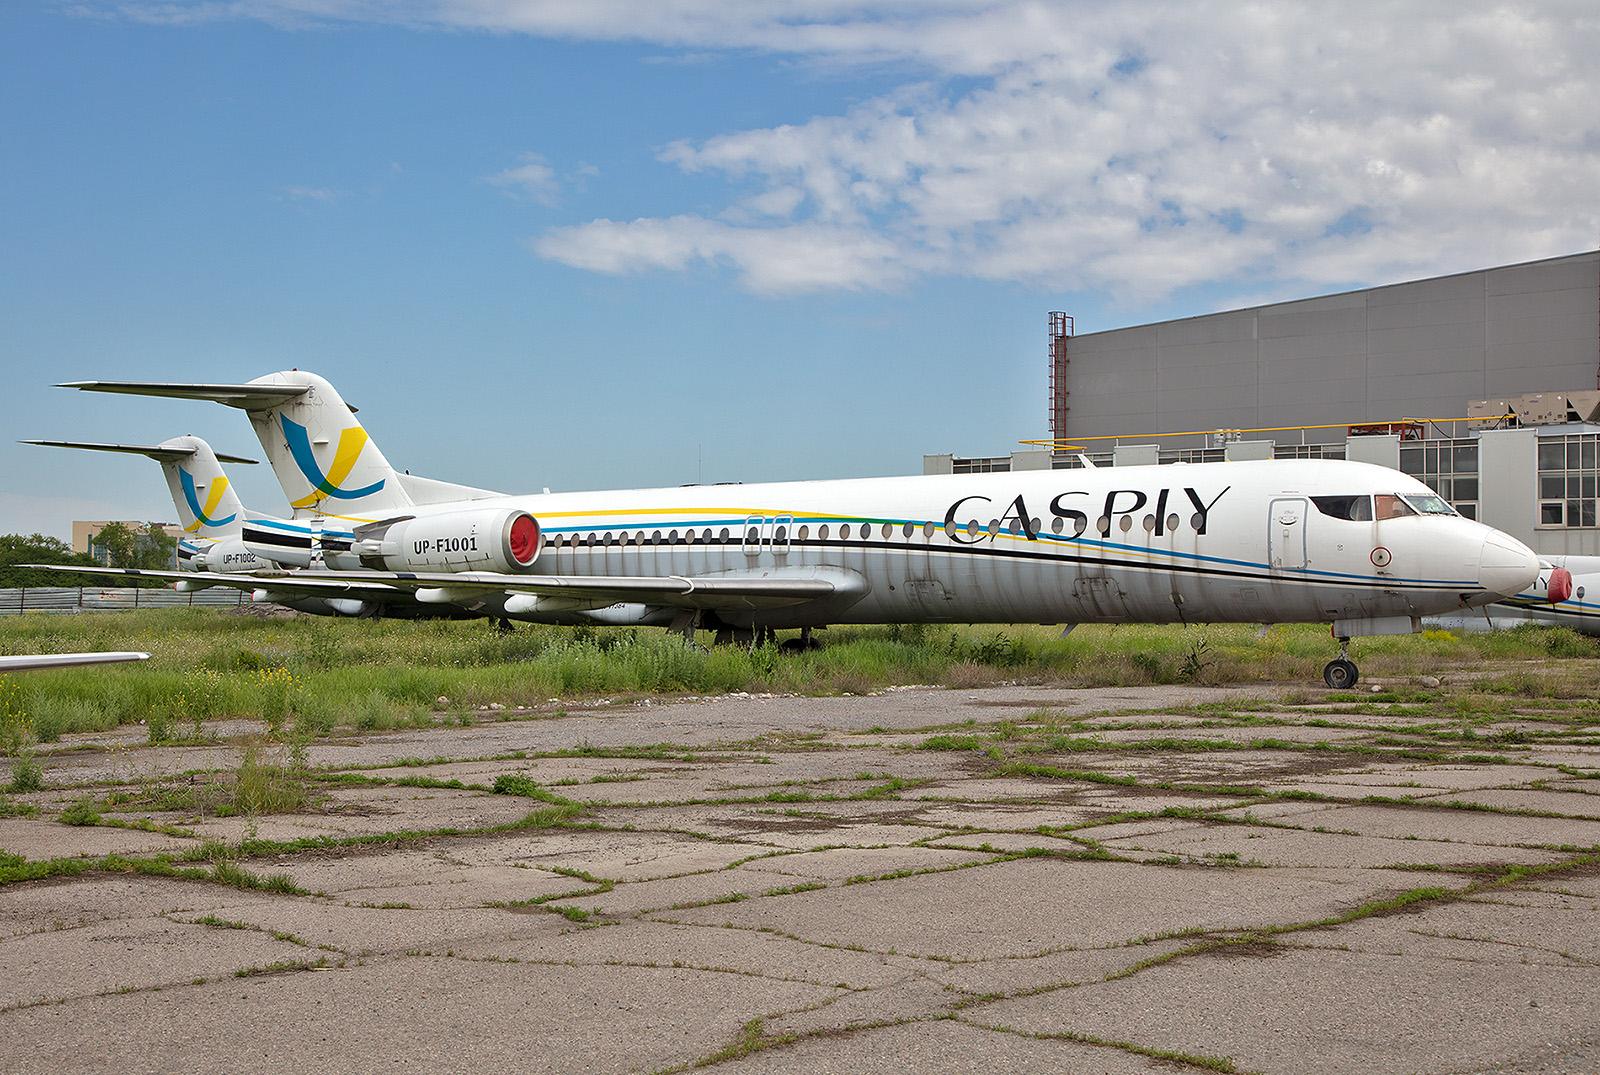 Zwei der ehemaligen Fokker der Caspiy Airlines, die heute auf ihr Ende warten.